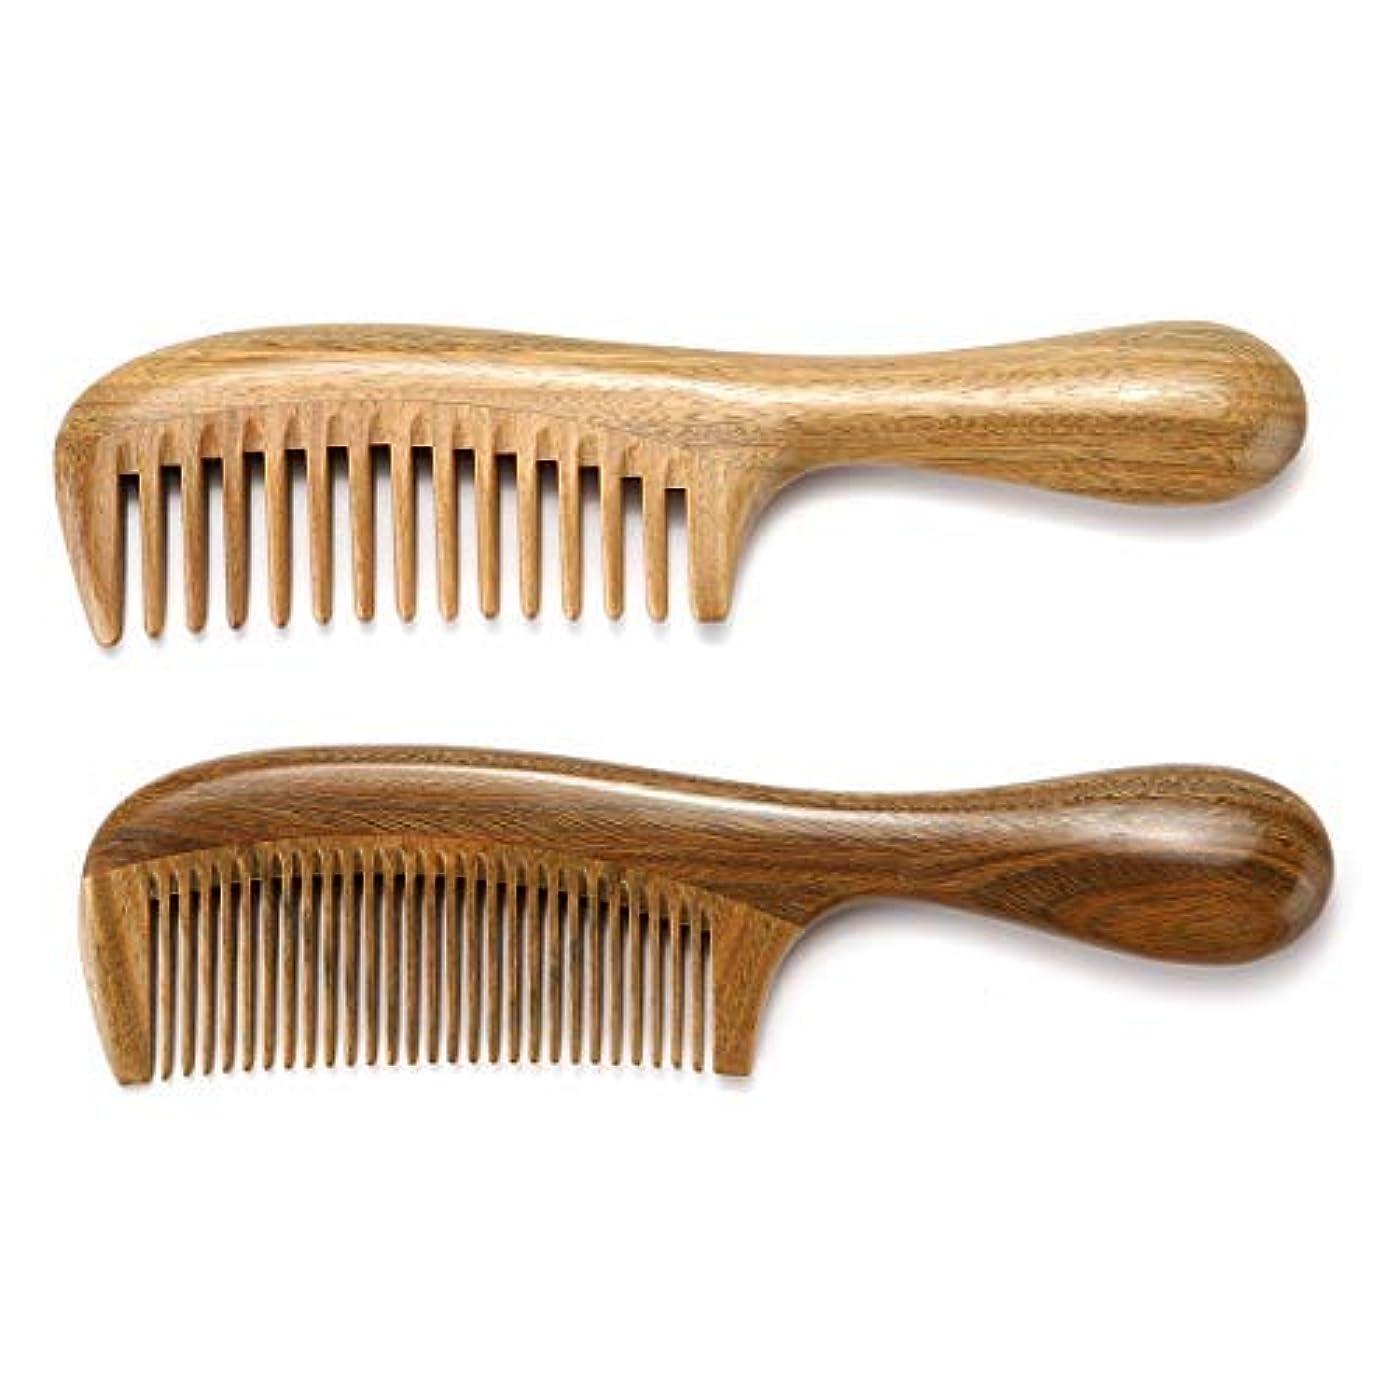 実験的パプアニューギニアみぞれHandmade Wooden Hair Comb Set Gift Box Natural Green Sandalwood Anti-Static Fine & Wide Tooth Hair Combs for Men Women Kids Hairs (2 PACKS) [並行輸入品]